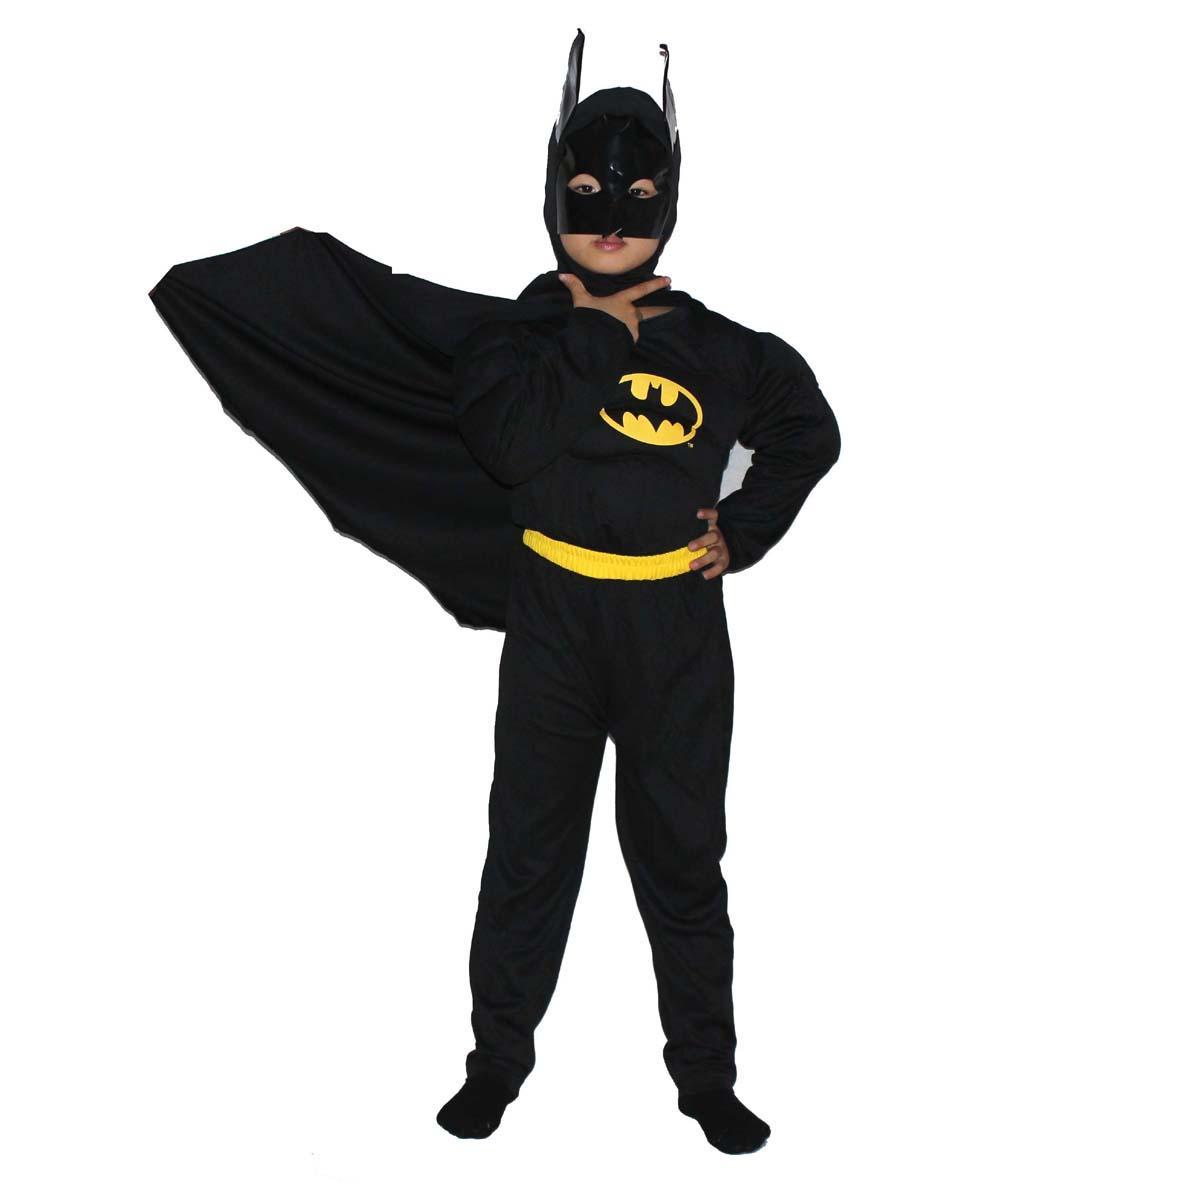 Новогодние объемные игрушки иКарнавальный костюм для мальчиков